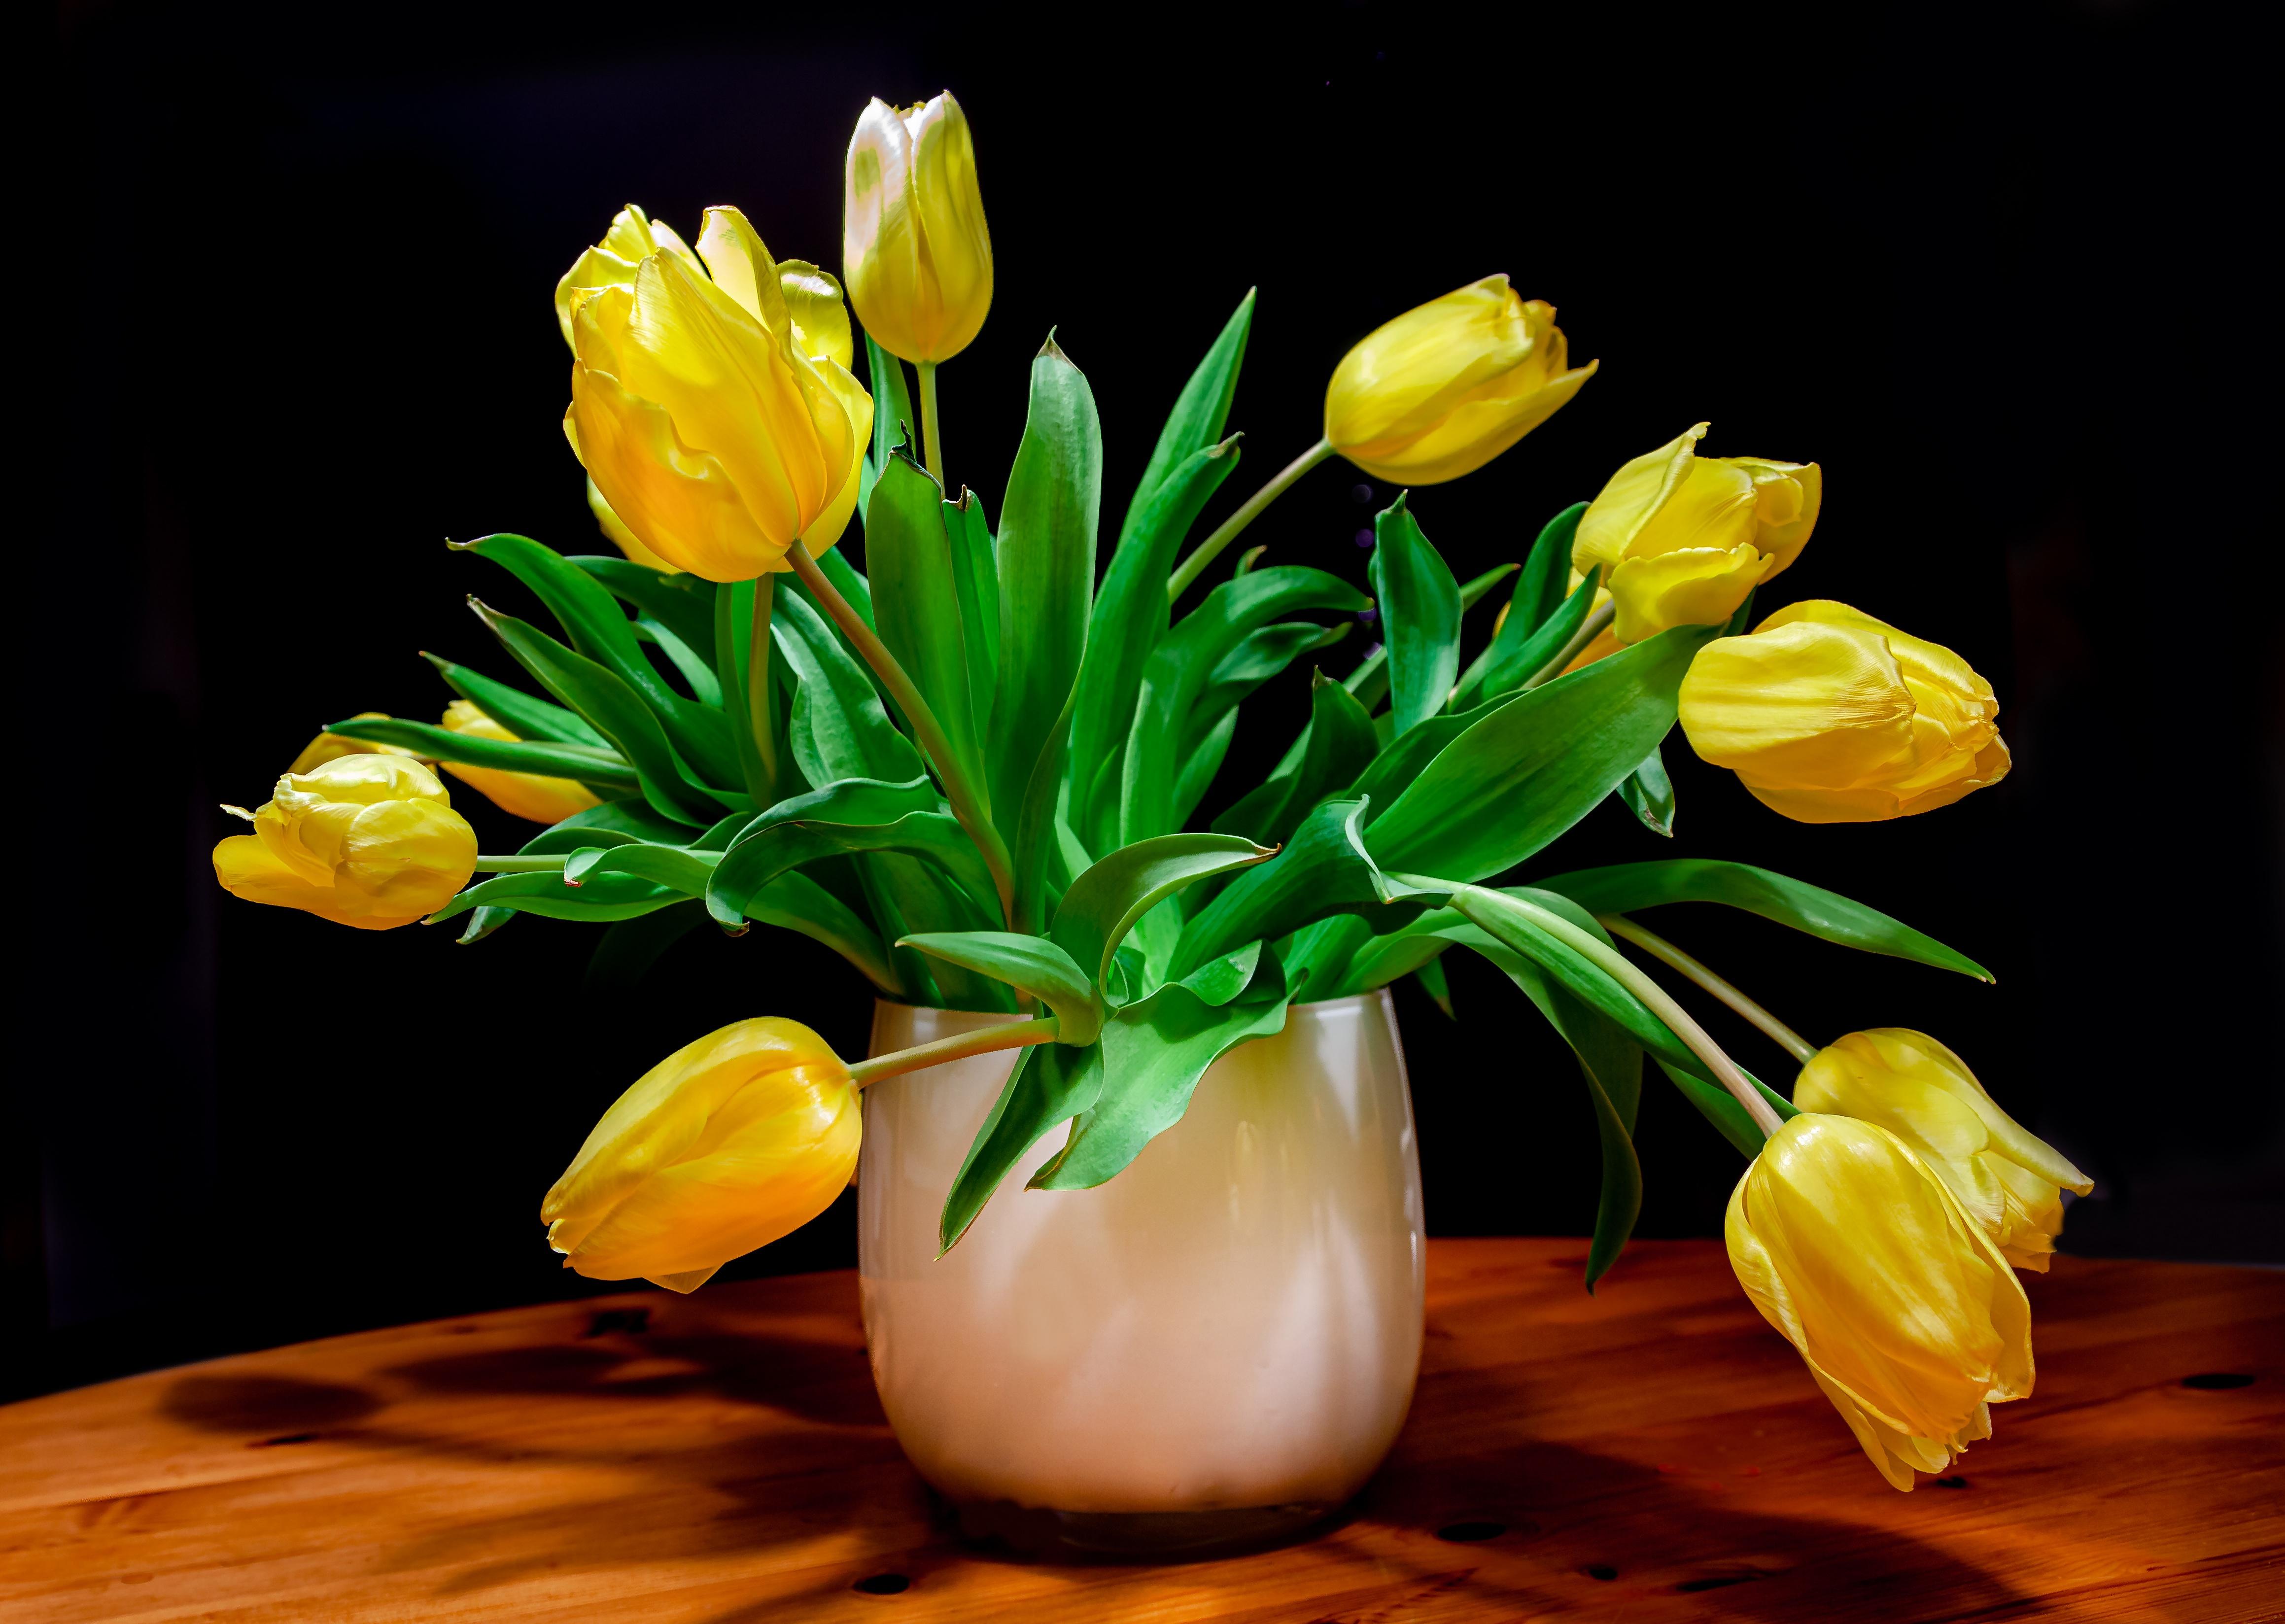 тебя желтые тюльпаны в вазе фото улитководы купают ахатин